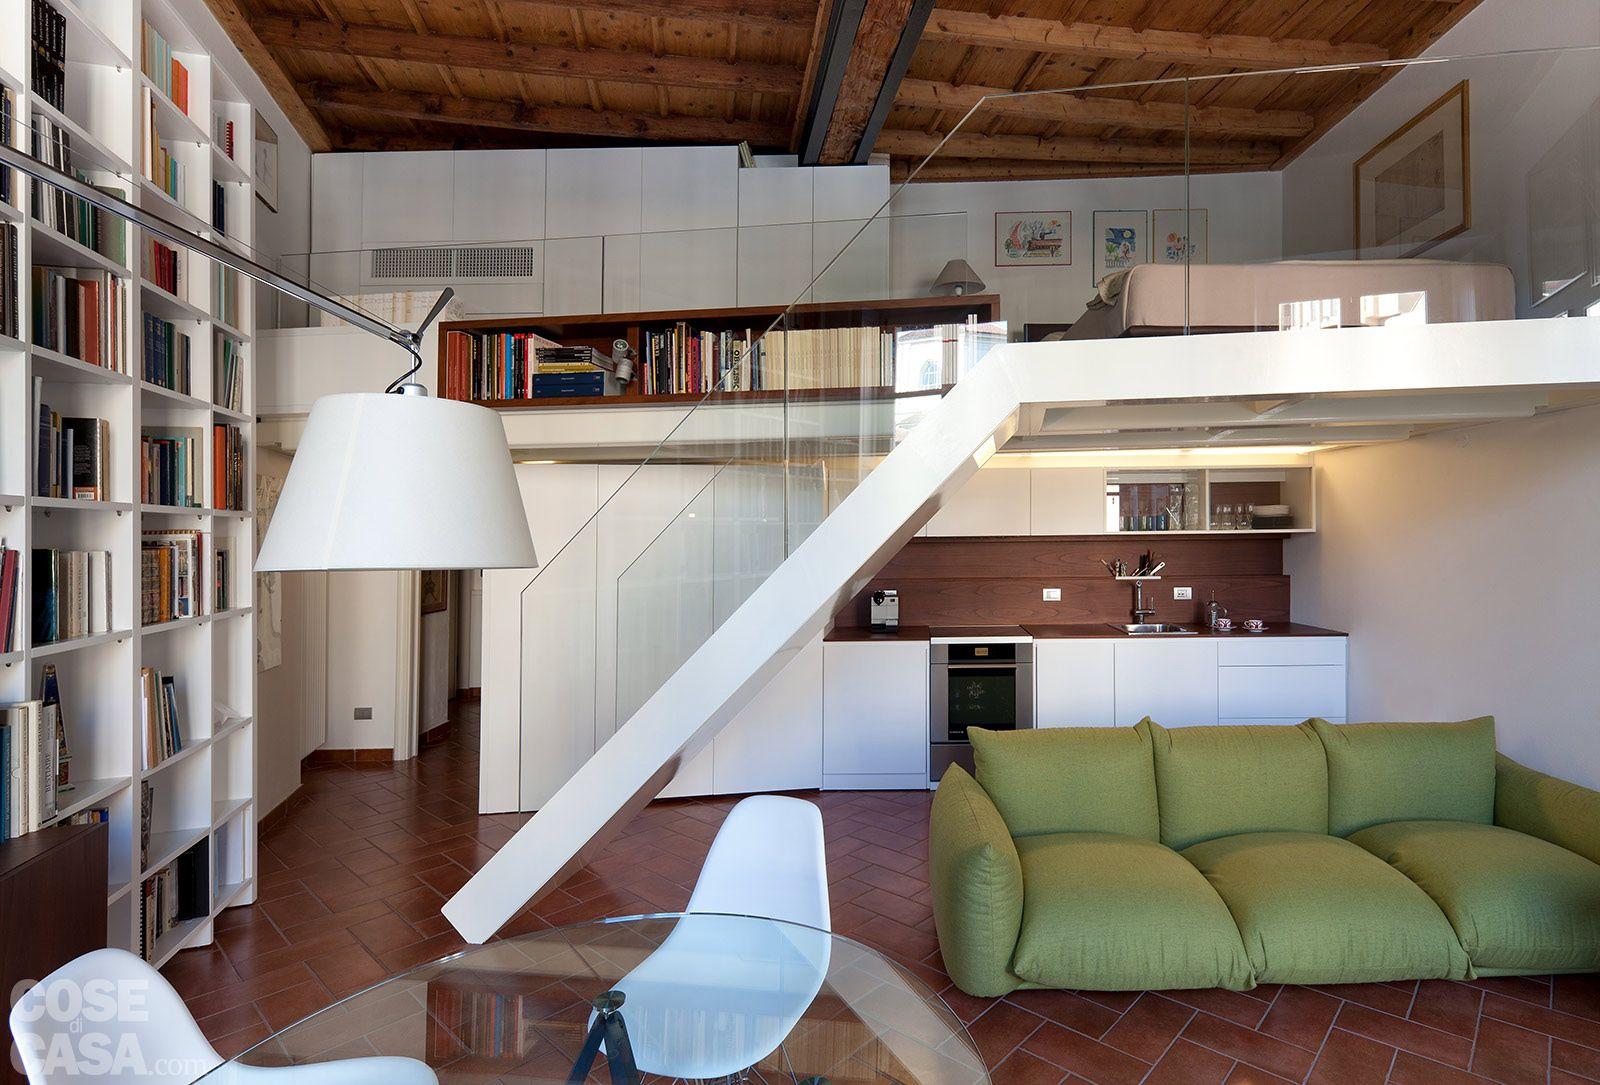 42 11 metri quadrati il miniappartamento stato for Scala metri quadrati